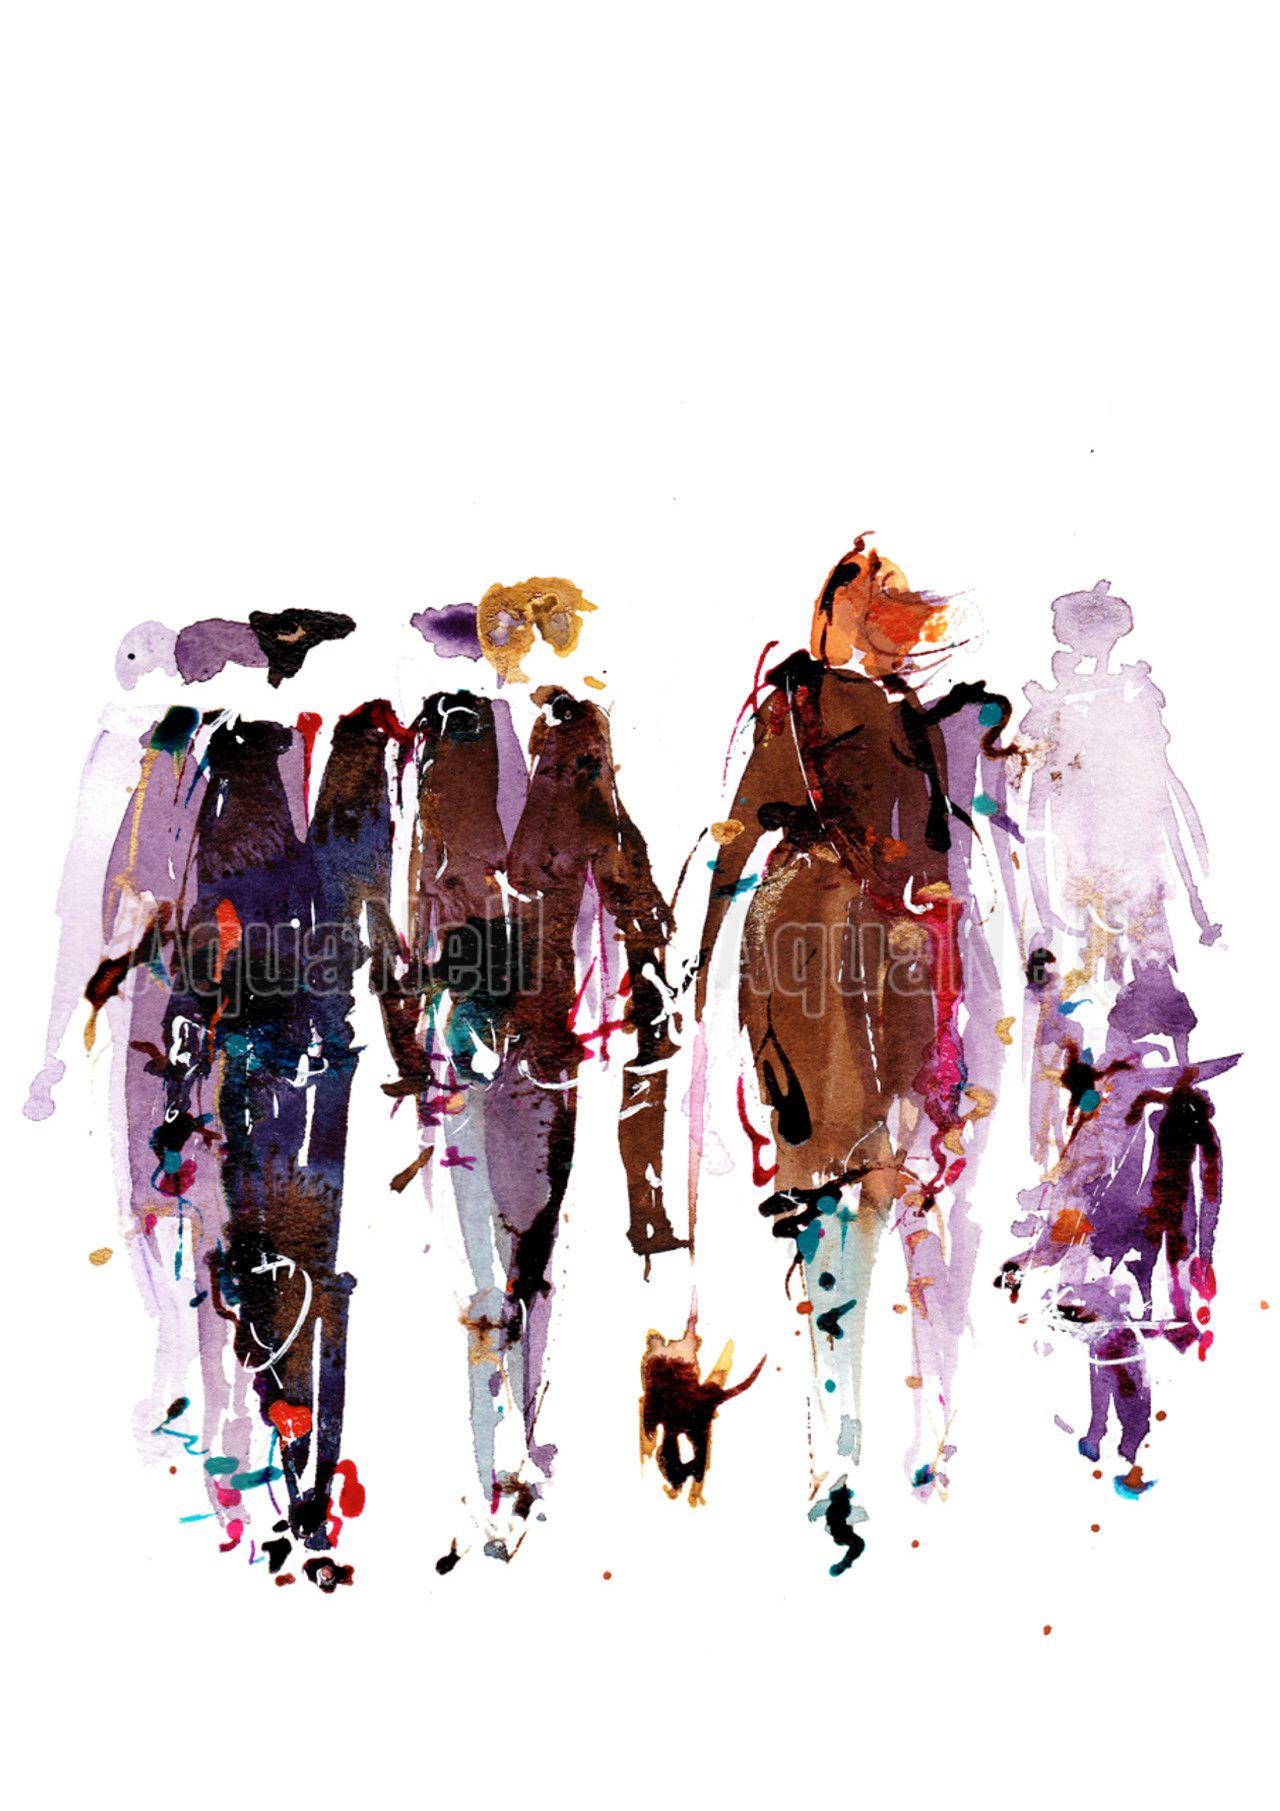 Peinture Illustration Aquarelle Pour D Coration Murale Foule Urbaine 2 Art People